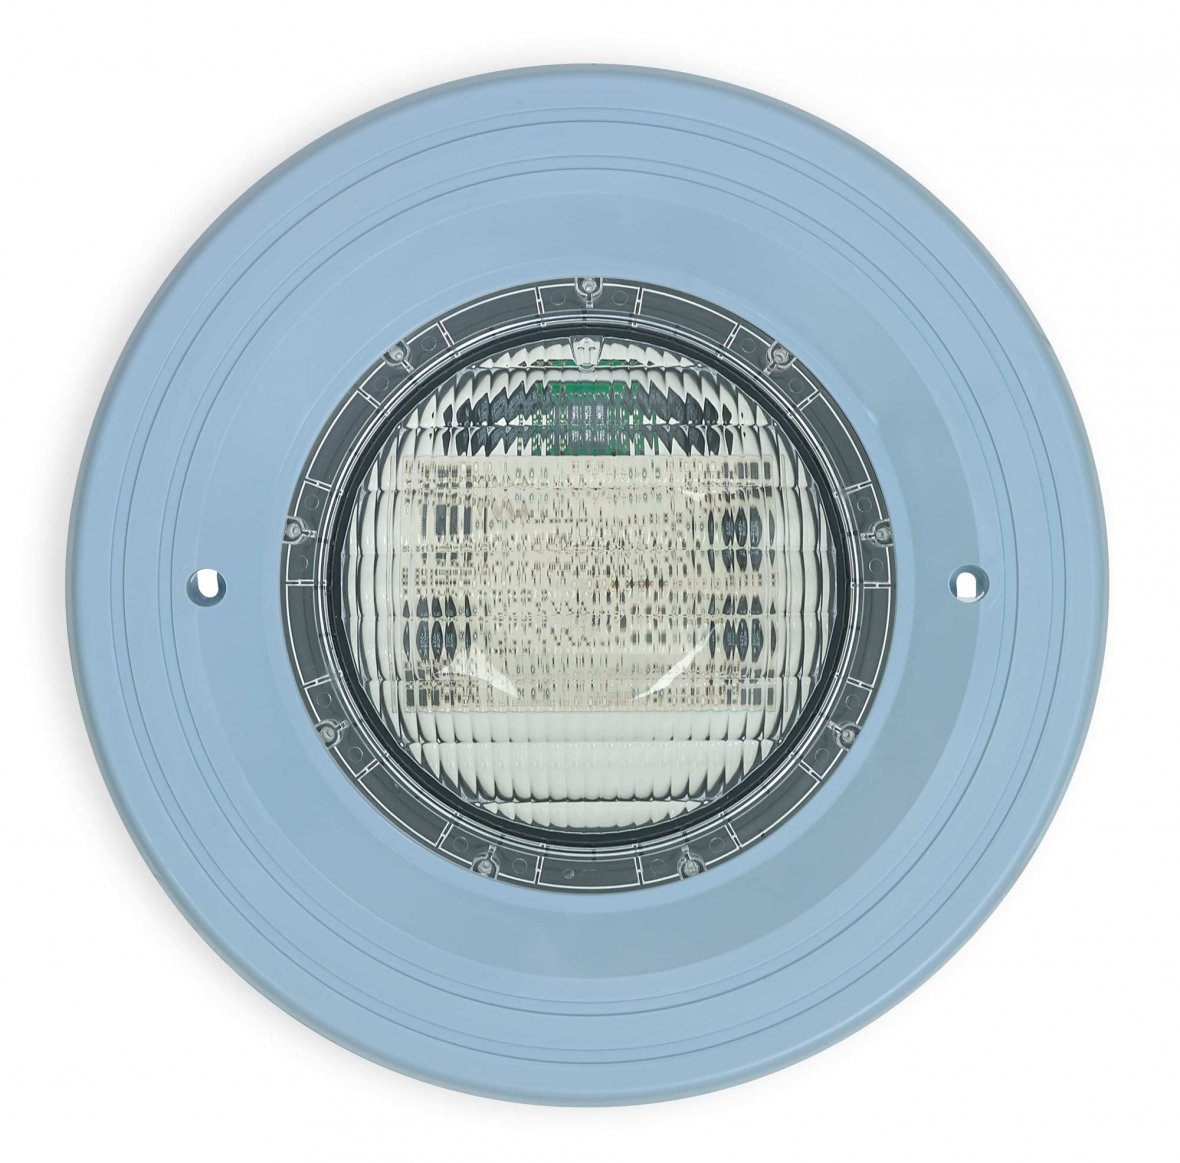 LED Onderwaterlicht met licht blauw kader.